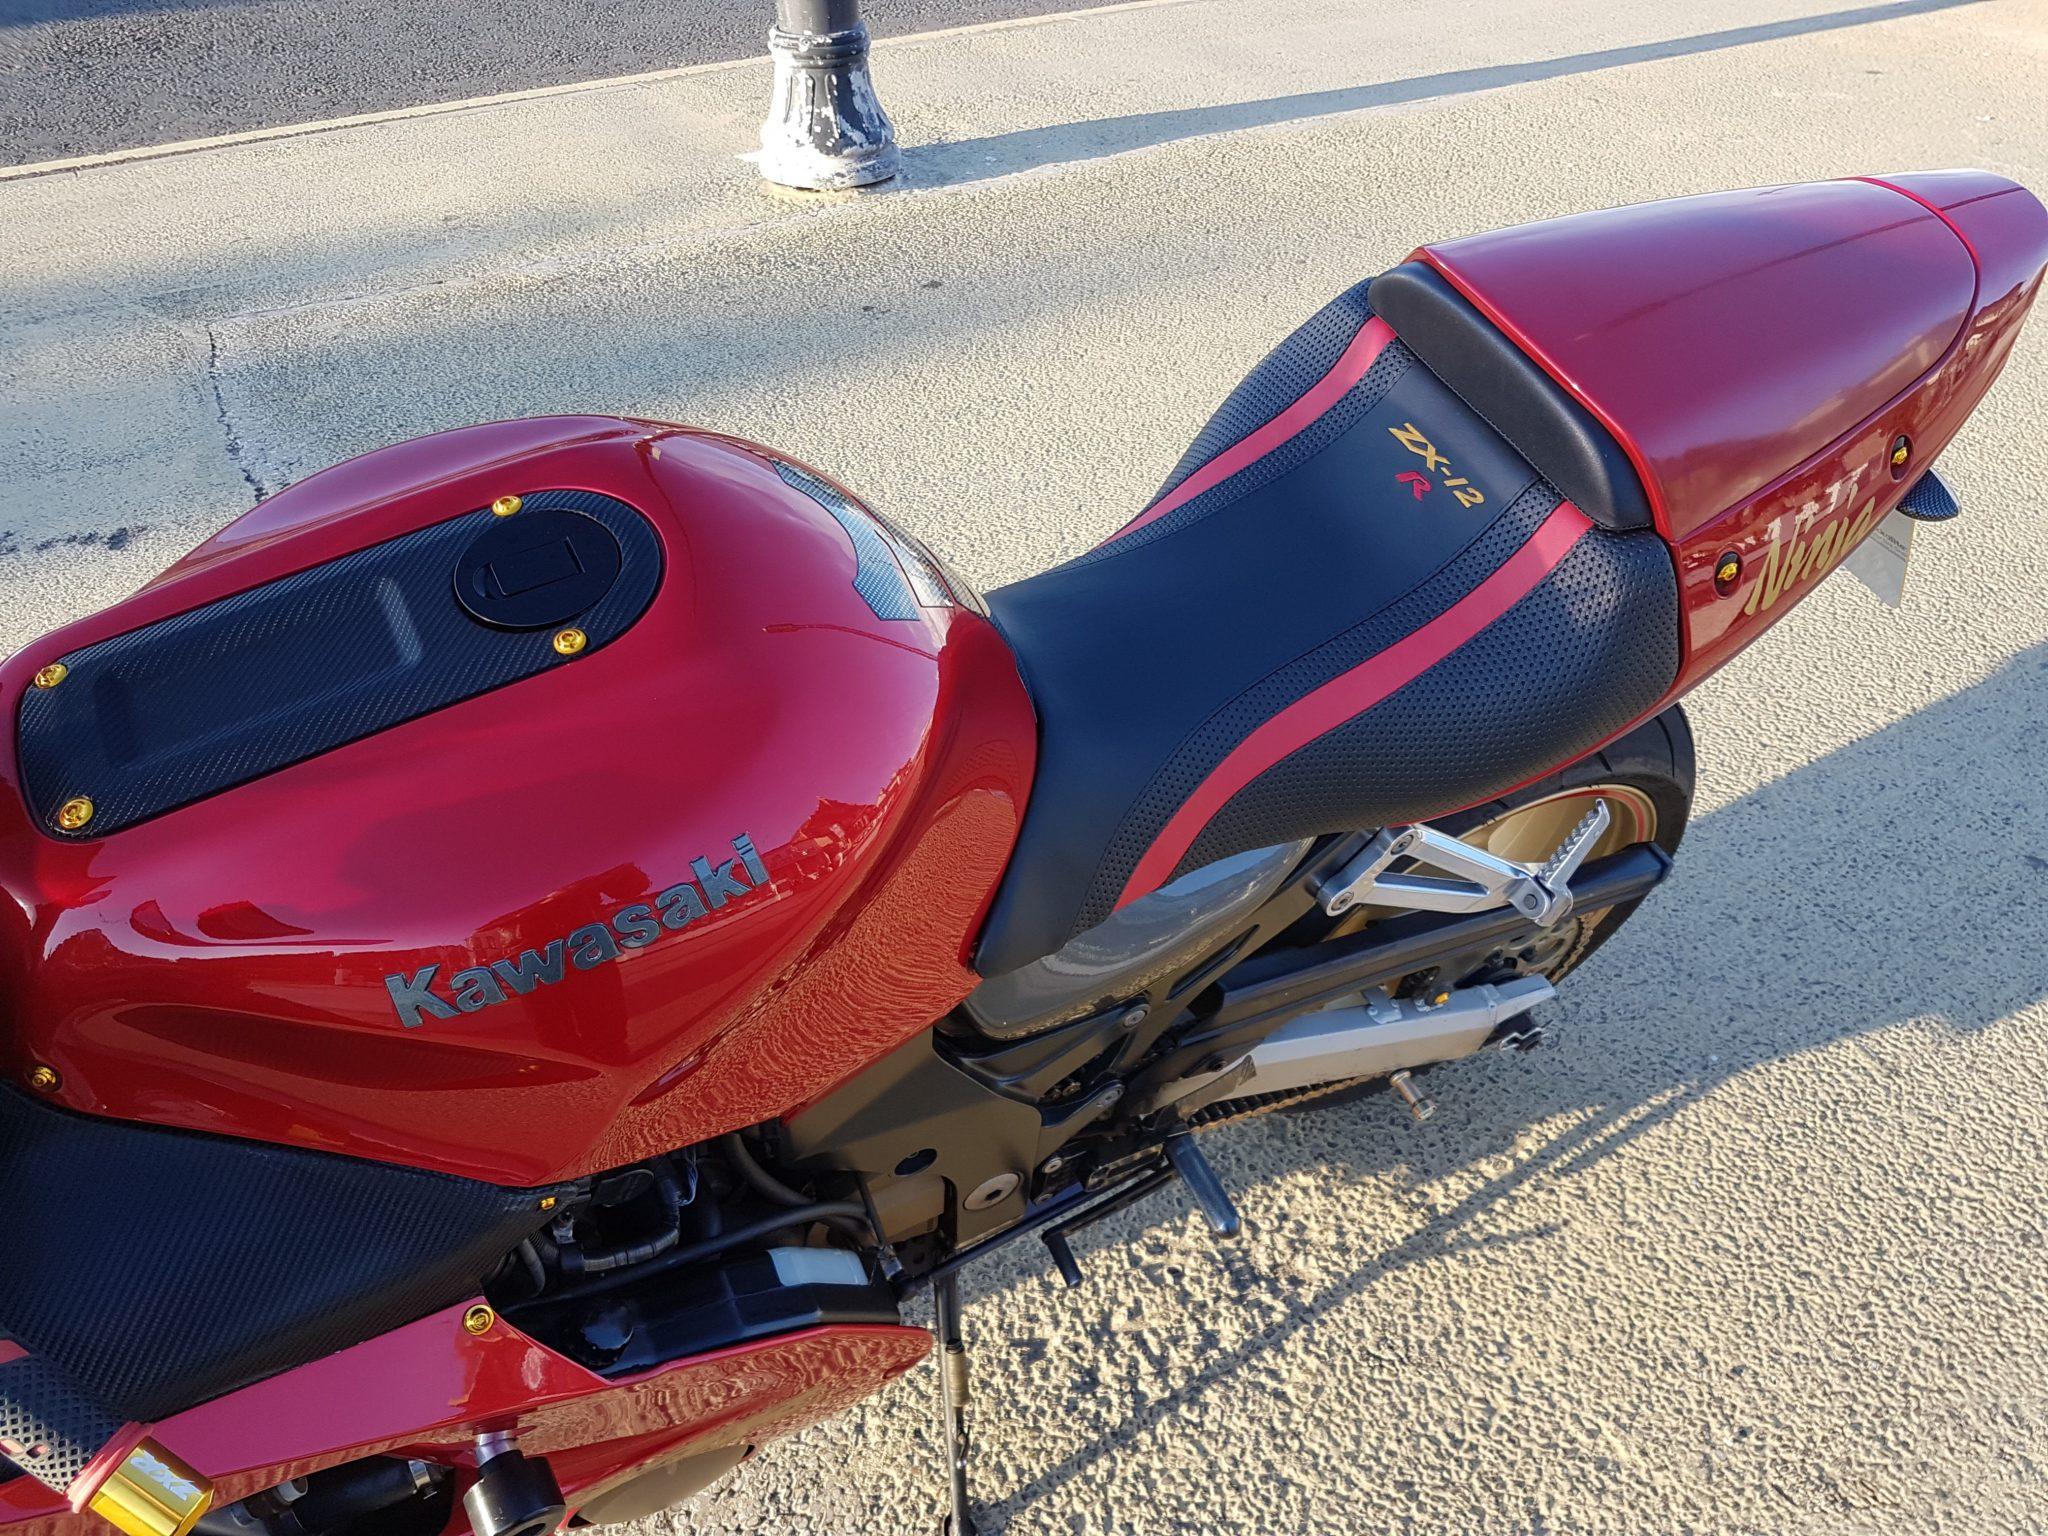 Len Hartley – Kawasaki ZX-12R